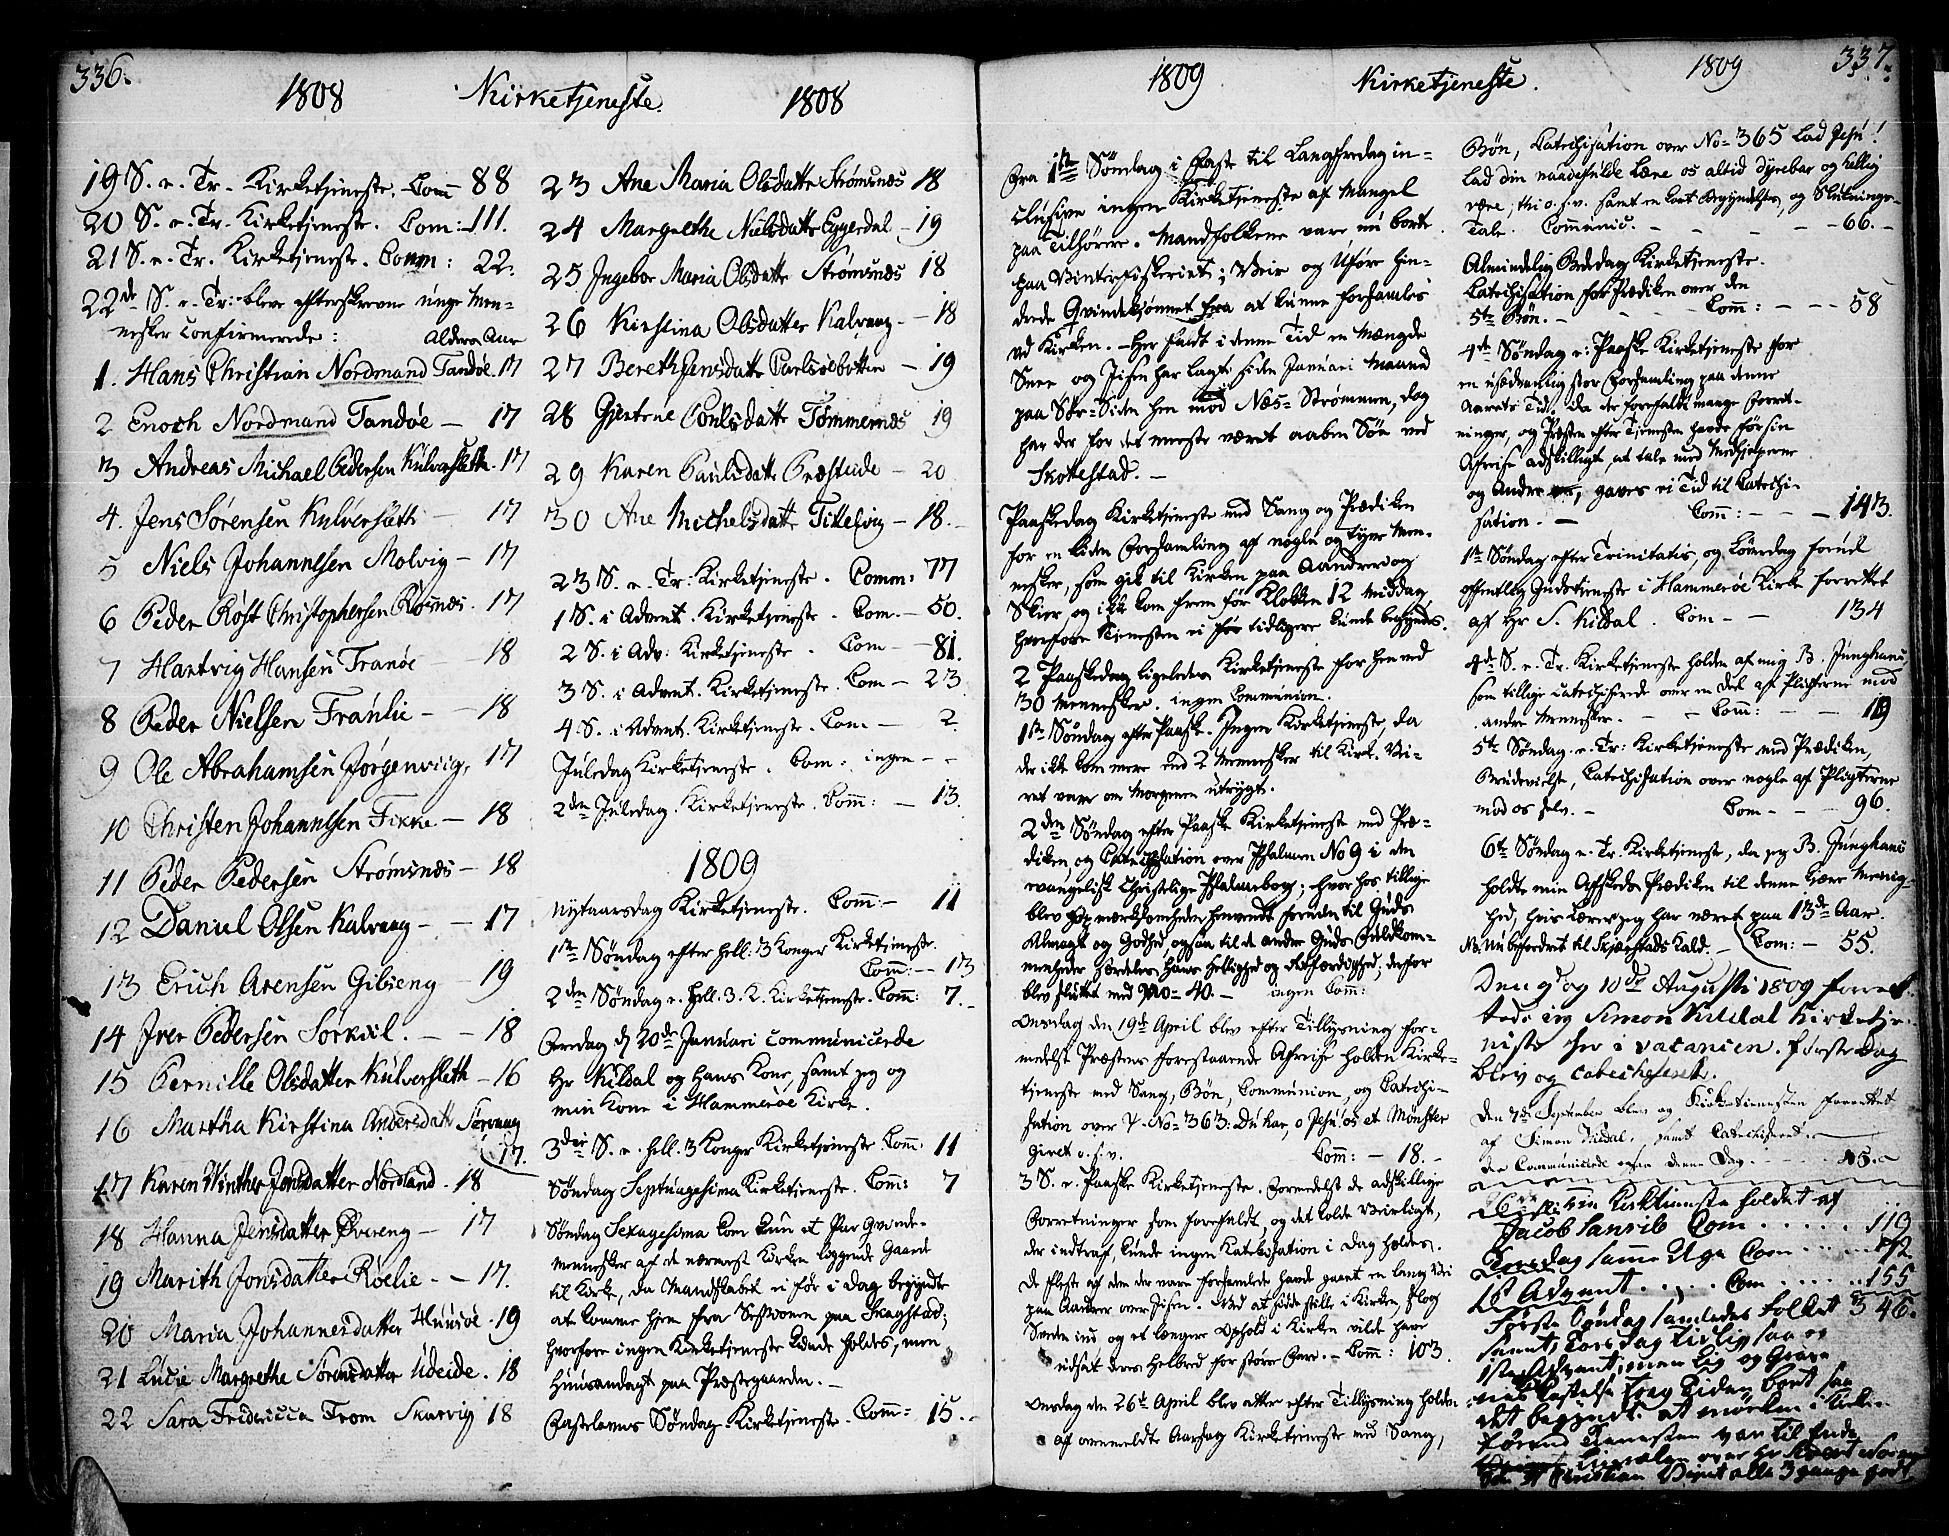 SAT, Ministerialprotokoller, klokkerbøker og fødselsregistre - Nordland, 859/L0841: Parish register (official) no. 859A01, 1766-1821, p. 336-337